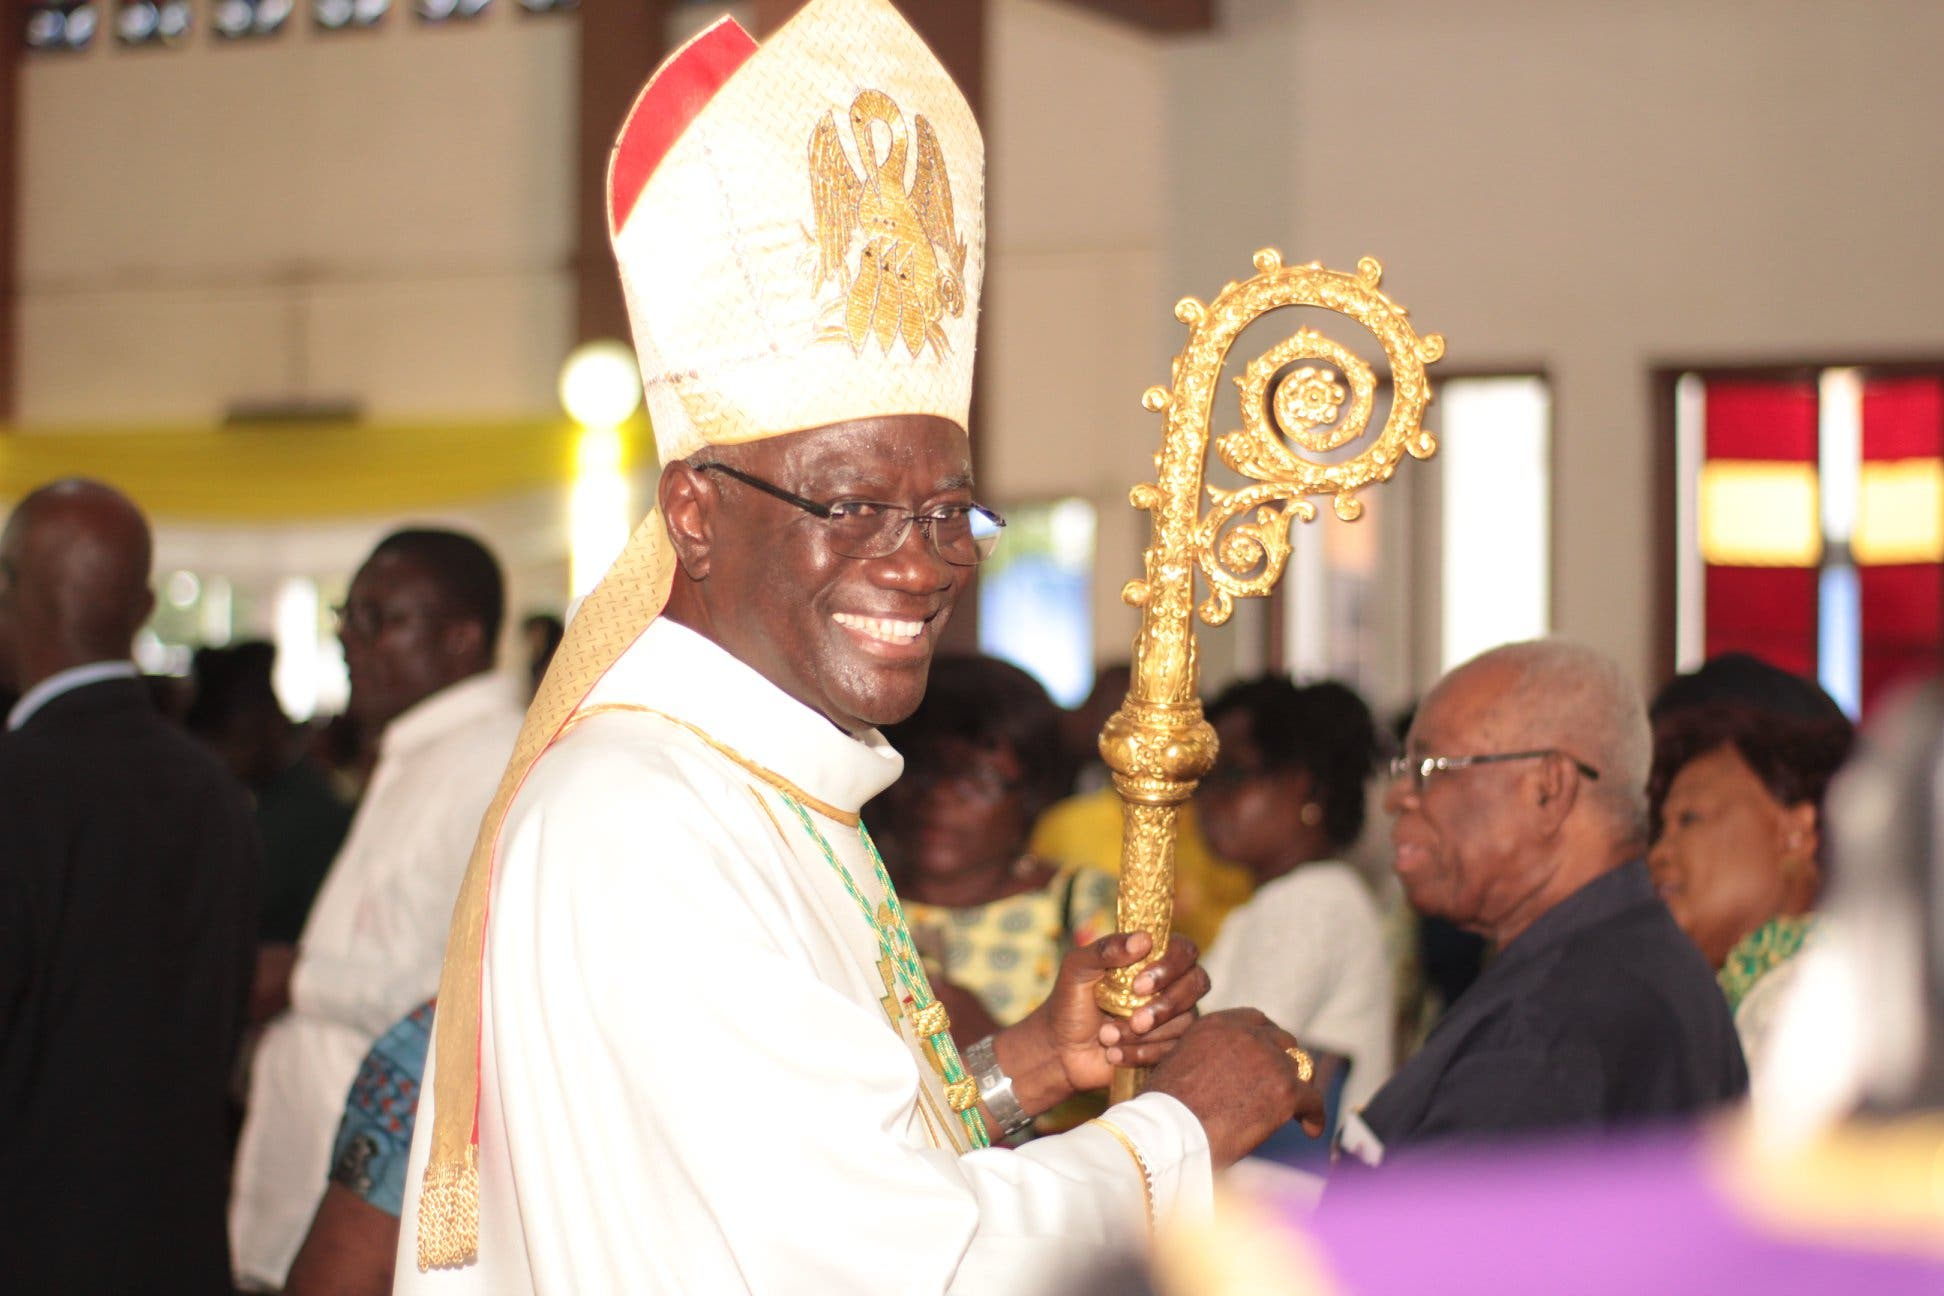 La Iglesia en Ghana incrementa la seguridad en sus templos ante la amenaza de grupos yihadistas